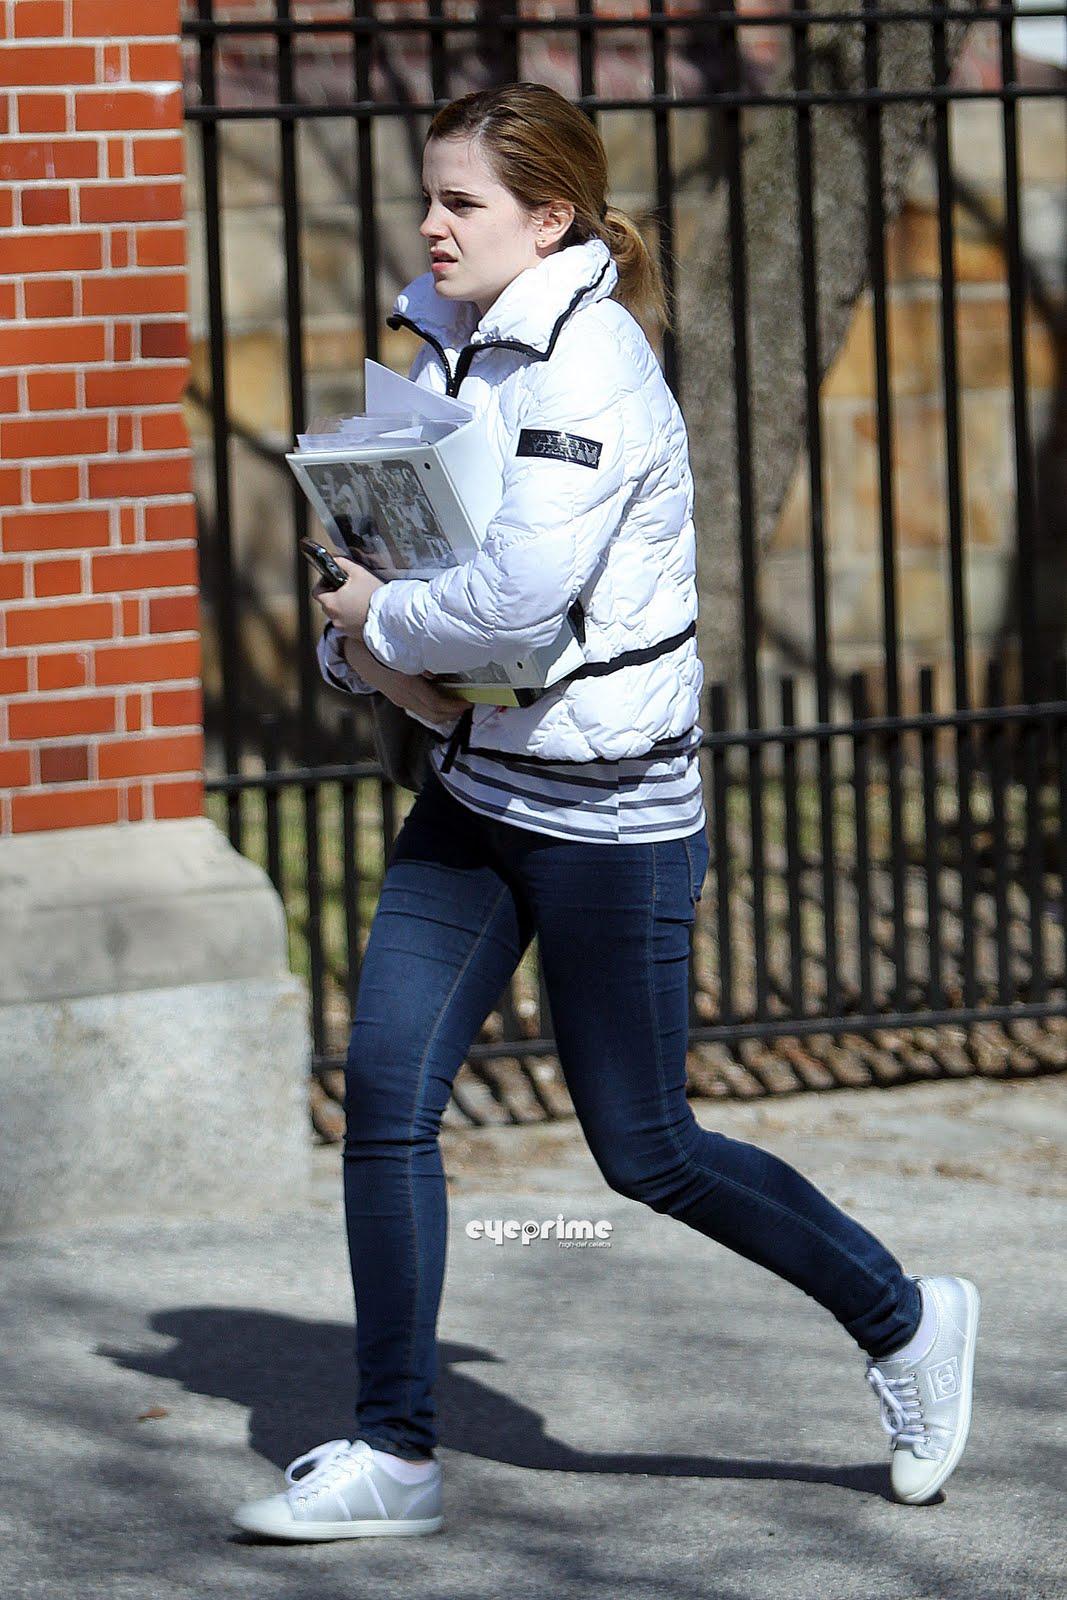 http://4.bp.blogspot.com/_6A8j2EQmANk/S8mdiKwY9RI/AAAAAAAACIc/KImL0U17ZDw/s1600/Emma+Watson6.jpg